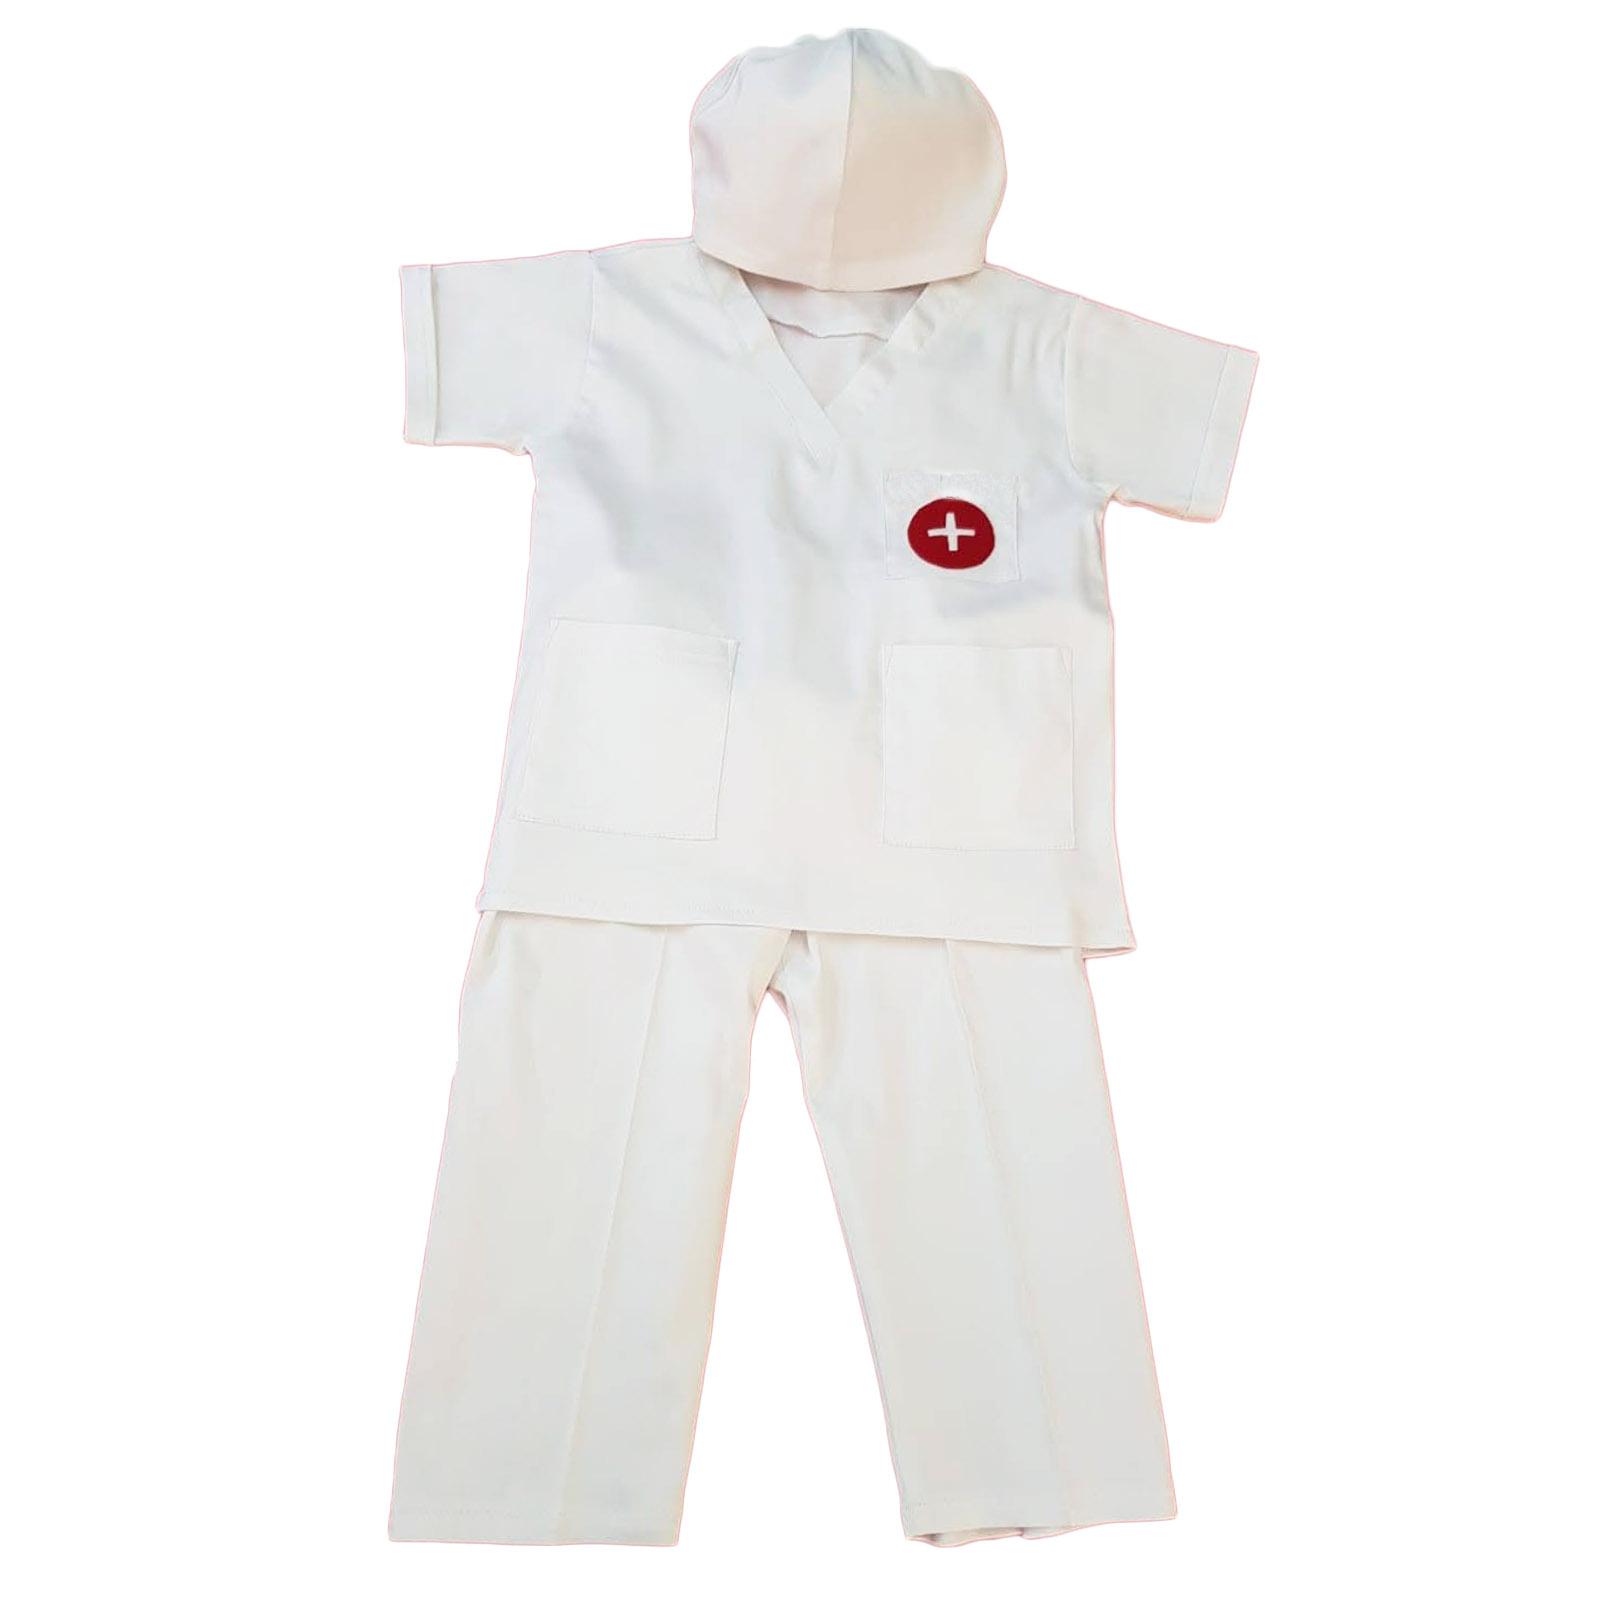 Costum doctor pentru copii